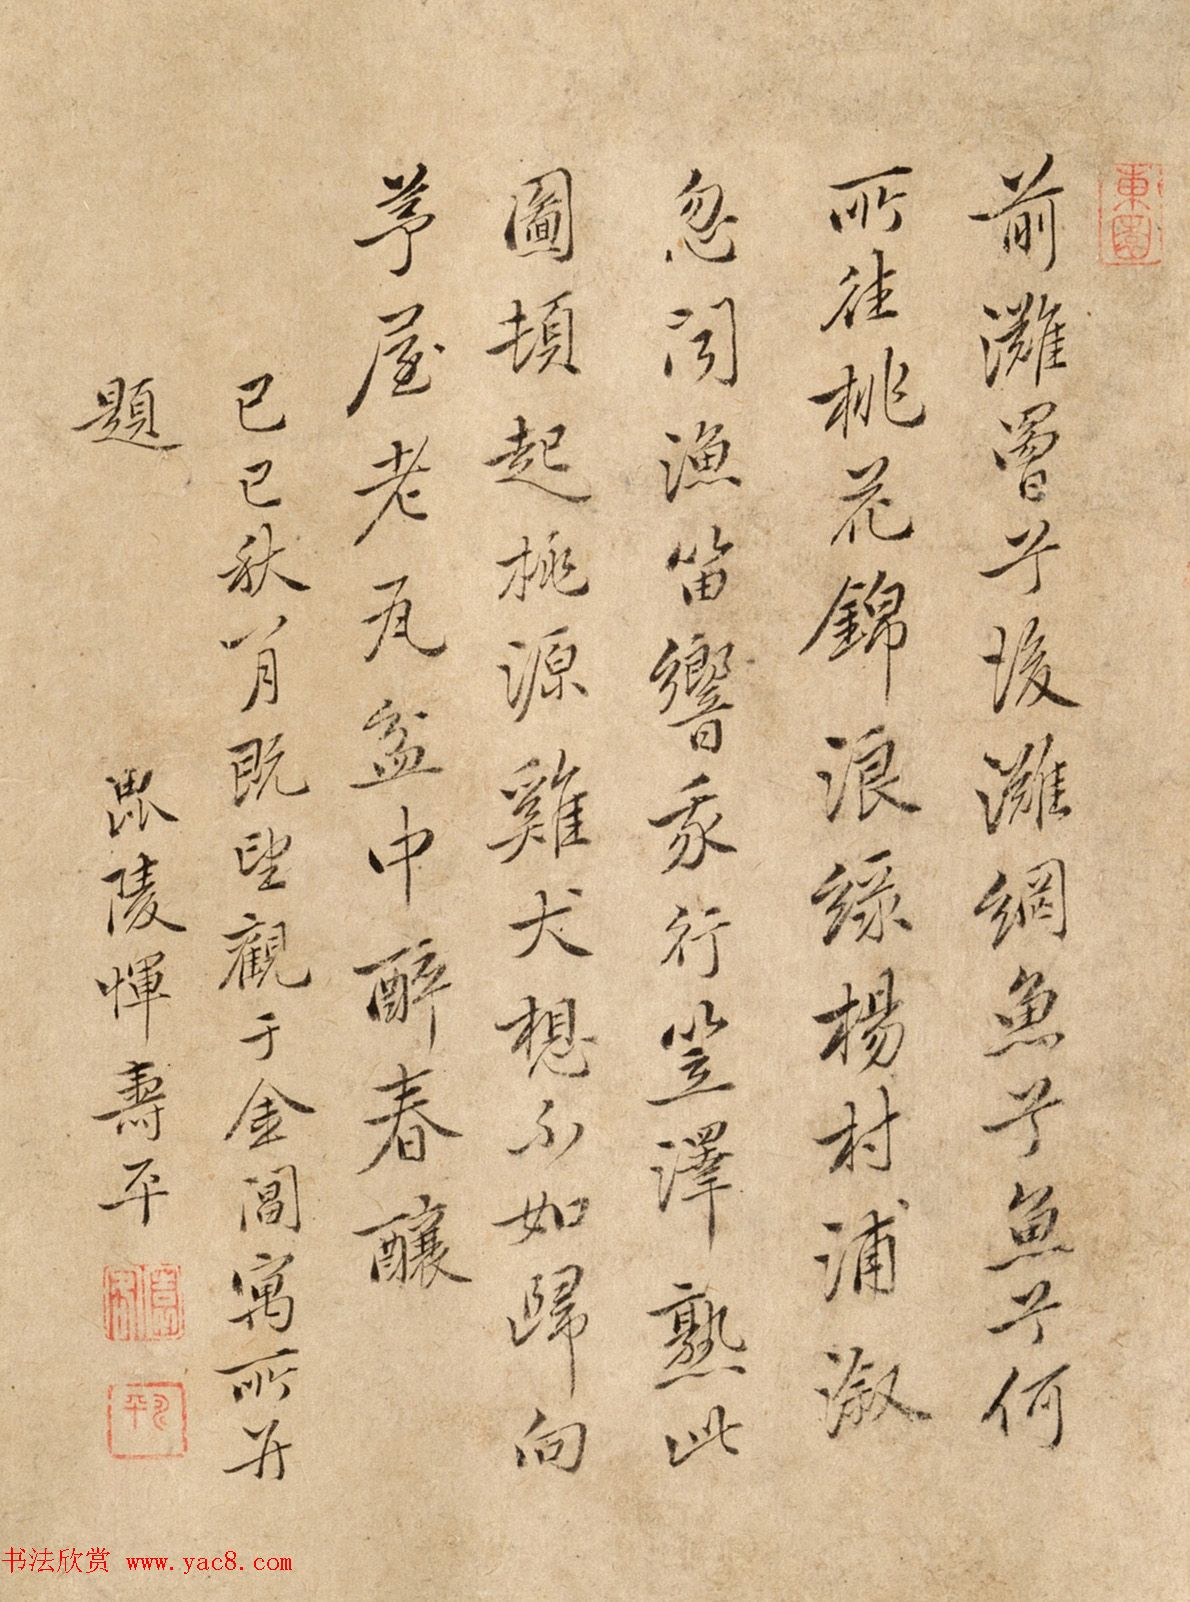 清代恽寿平书法《钱谷画卷后跋》